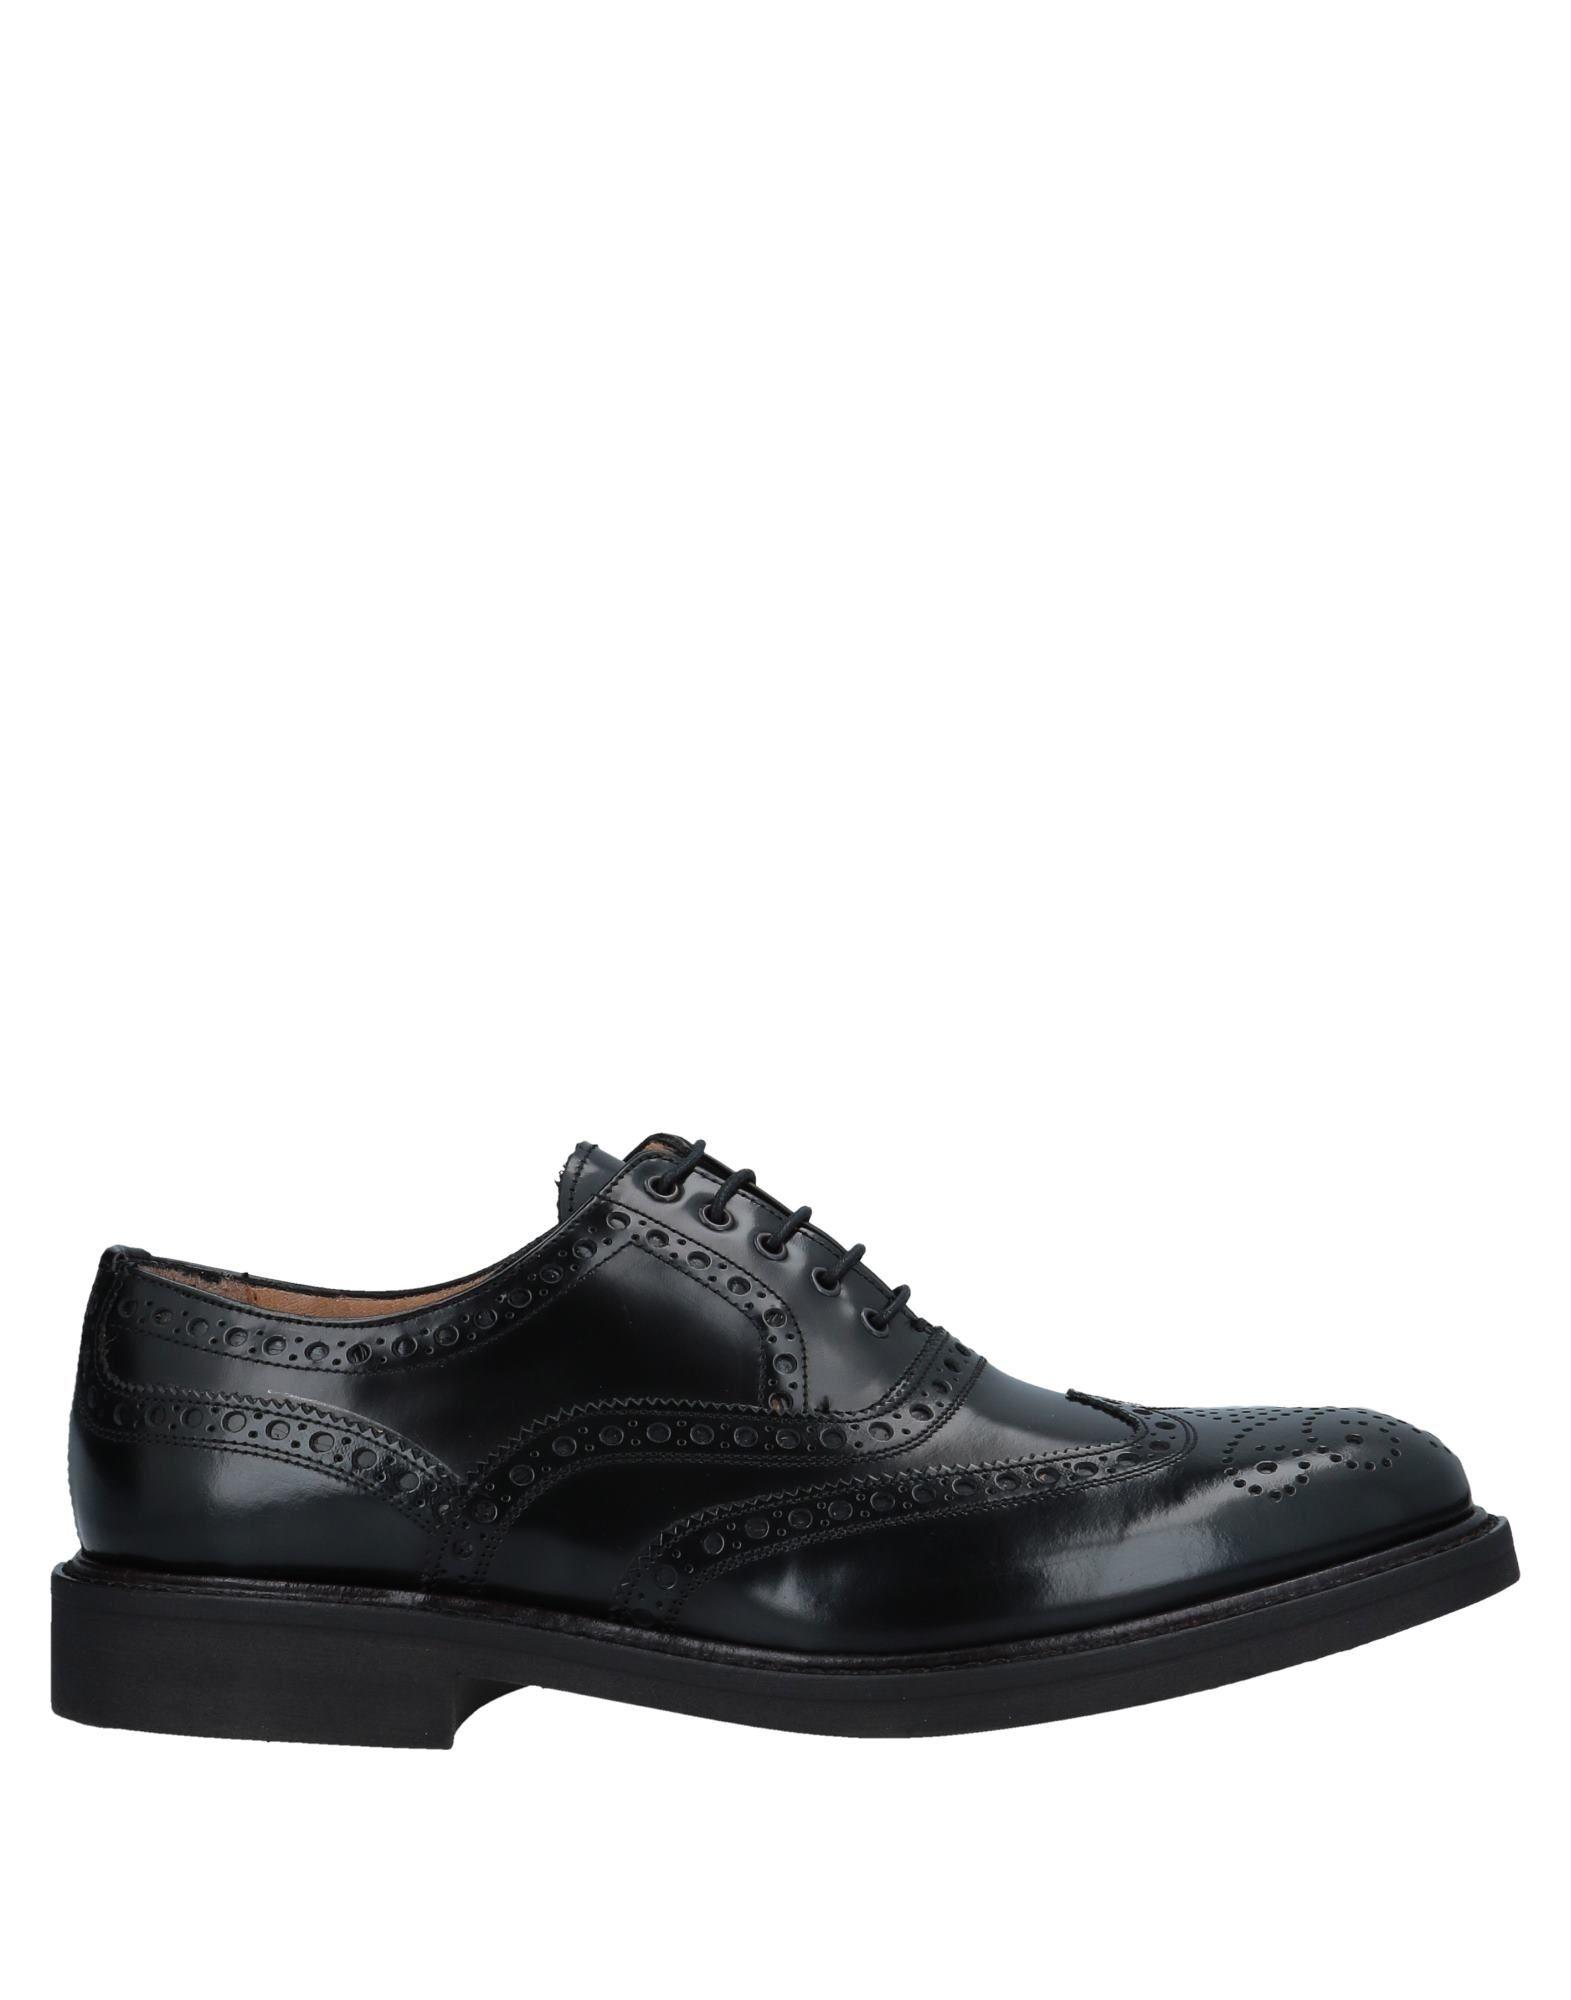 Baldinini Schnürschuhe Herren  11554133IB Gute Qualität beliebte Schuhe